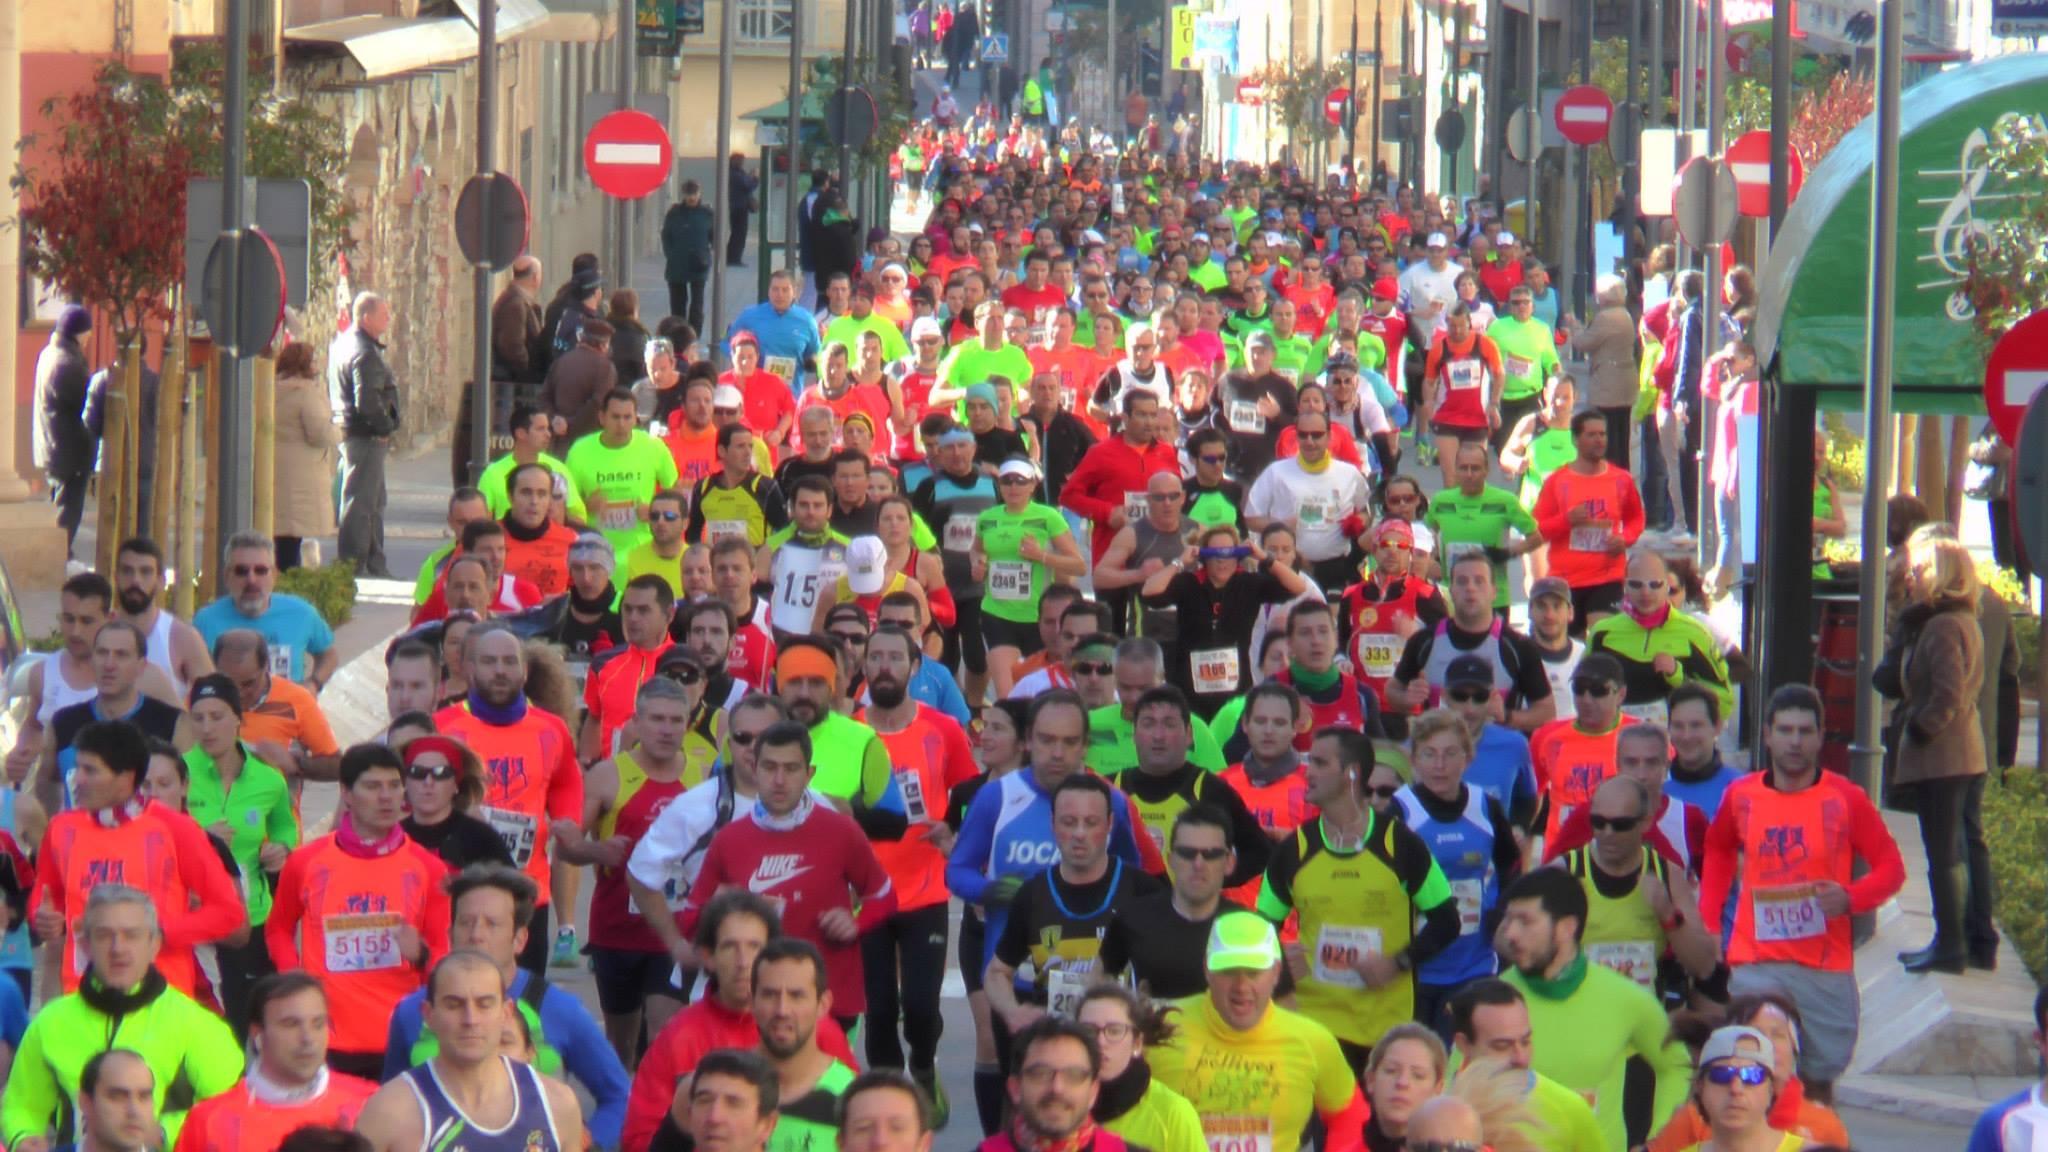 La Media Maratón de Valdepeñas, la segunda mejor de España según el portal especializado Runedia.com